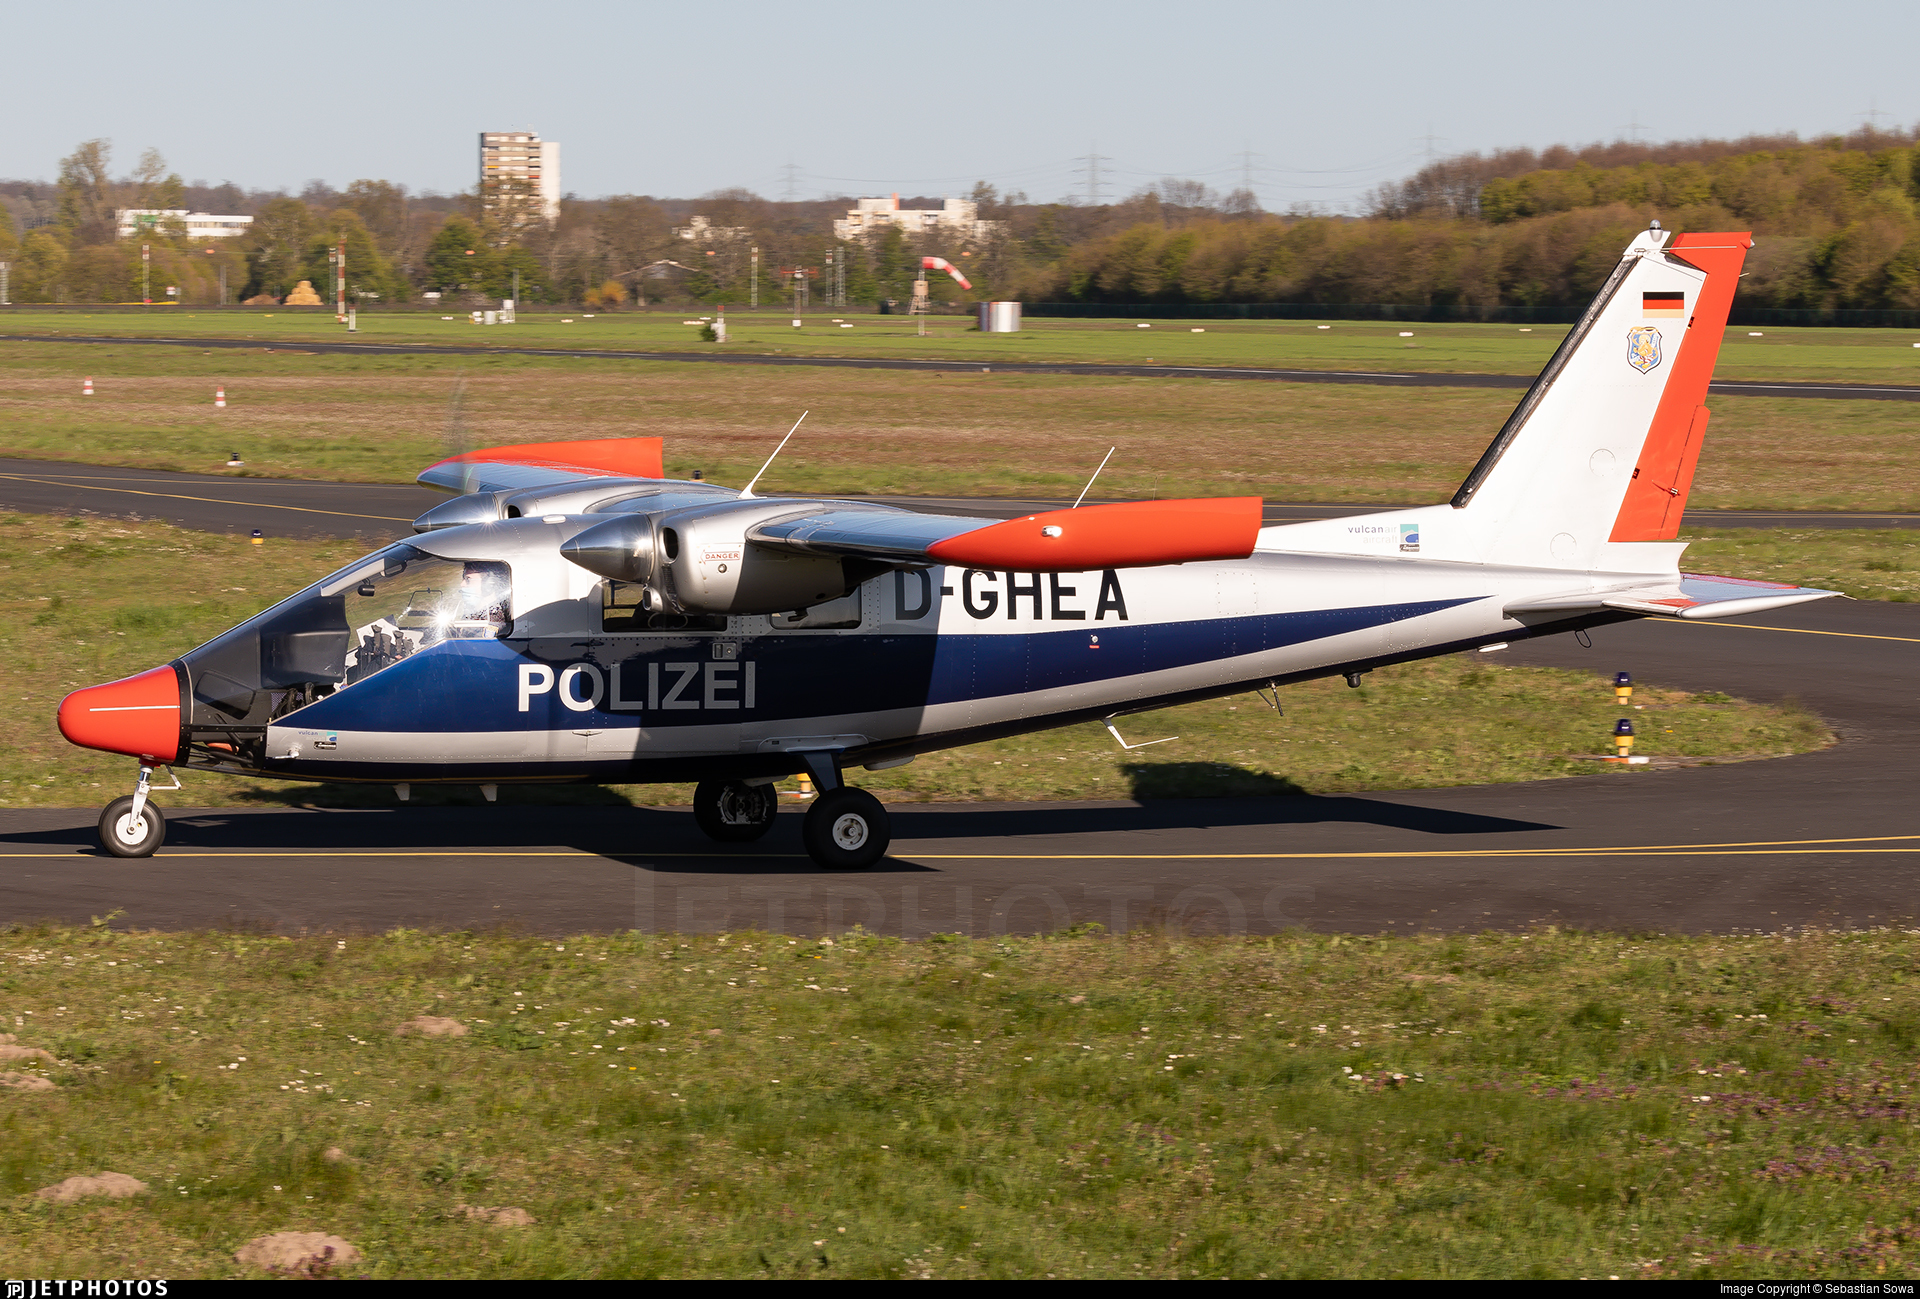 D-GHEA - Vulcanair P.68 Observer 2 - Germany - Police